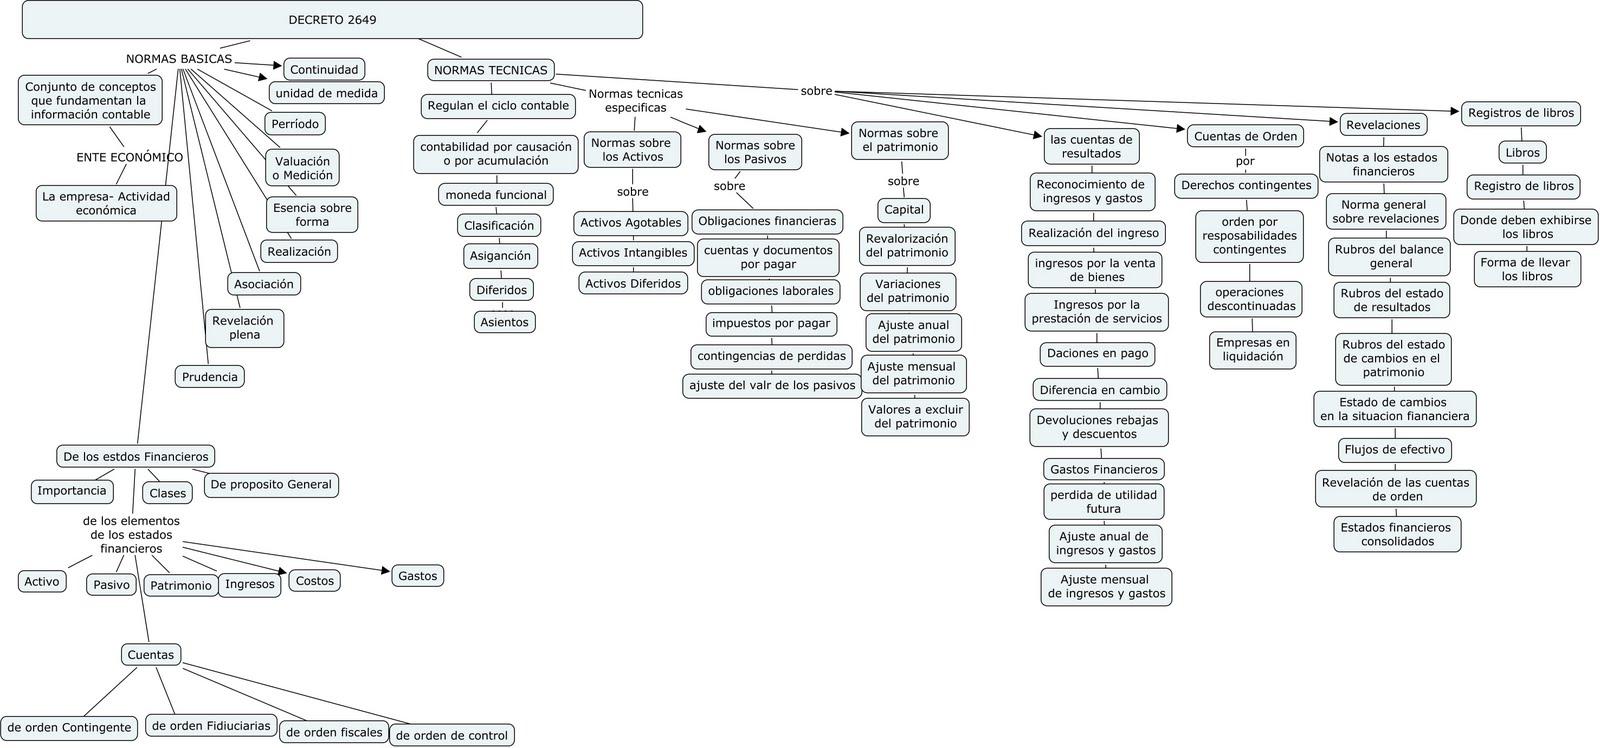 mapa conceptual decreto 2649 (cmap tools)